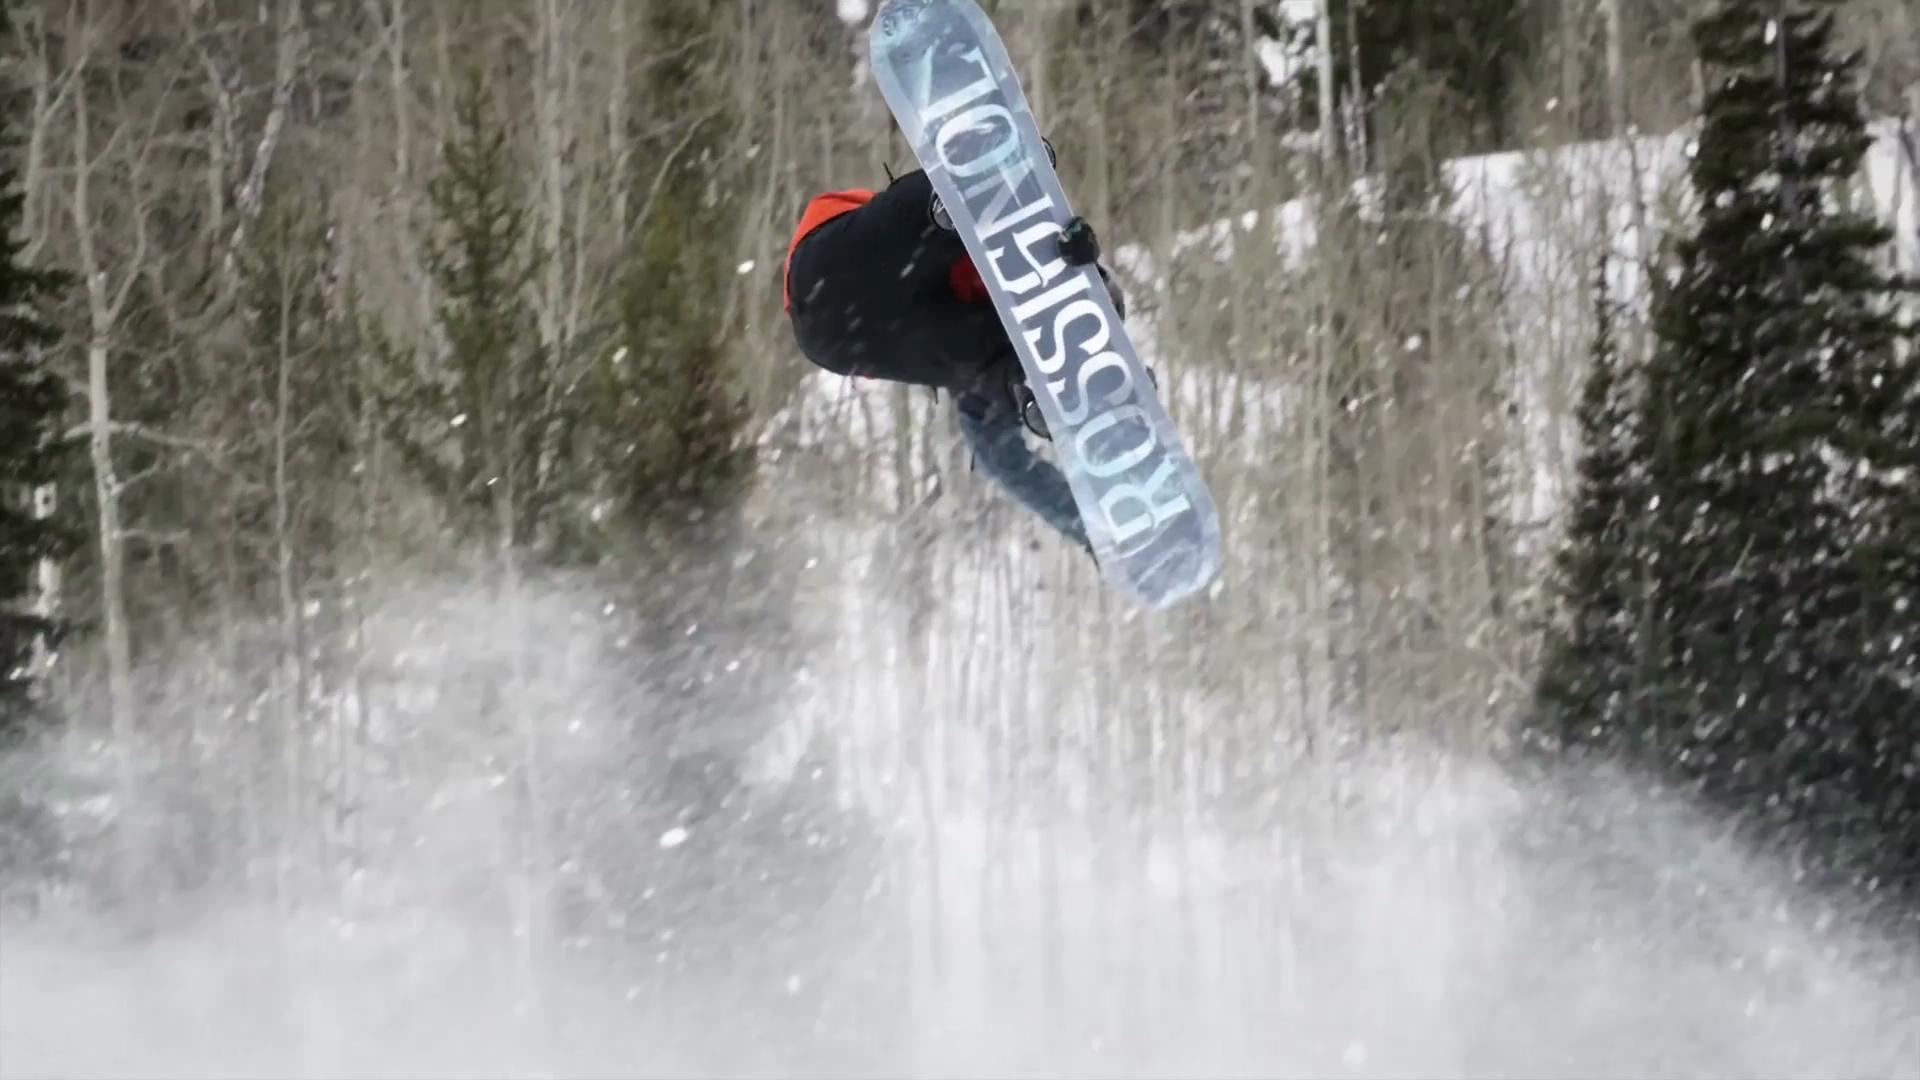 冬季滑雪极限运动视频素材